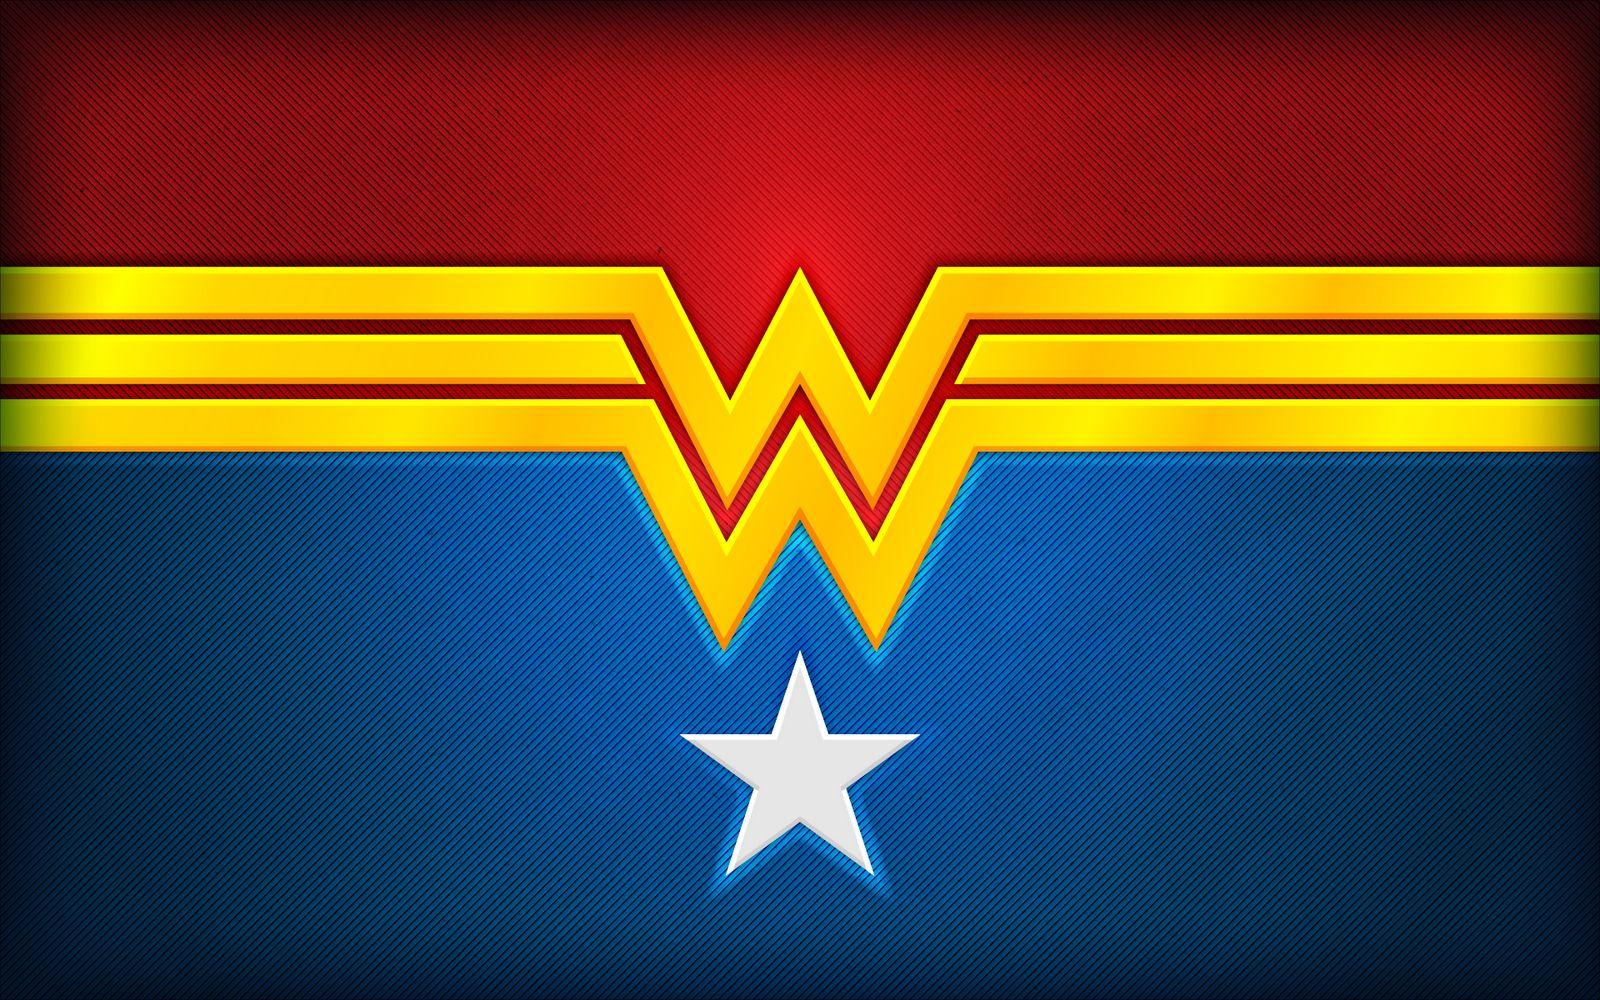 Background Wonder Woman.